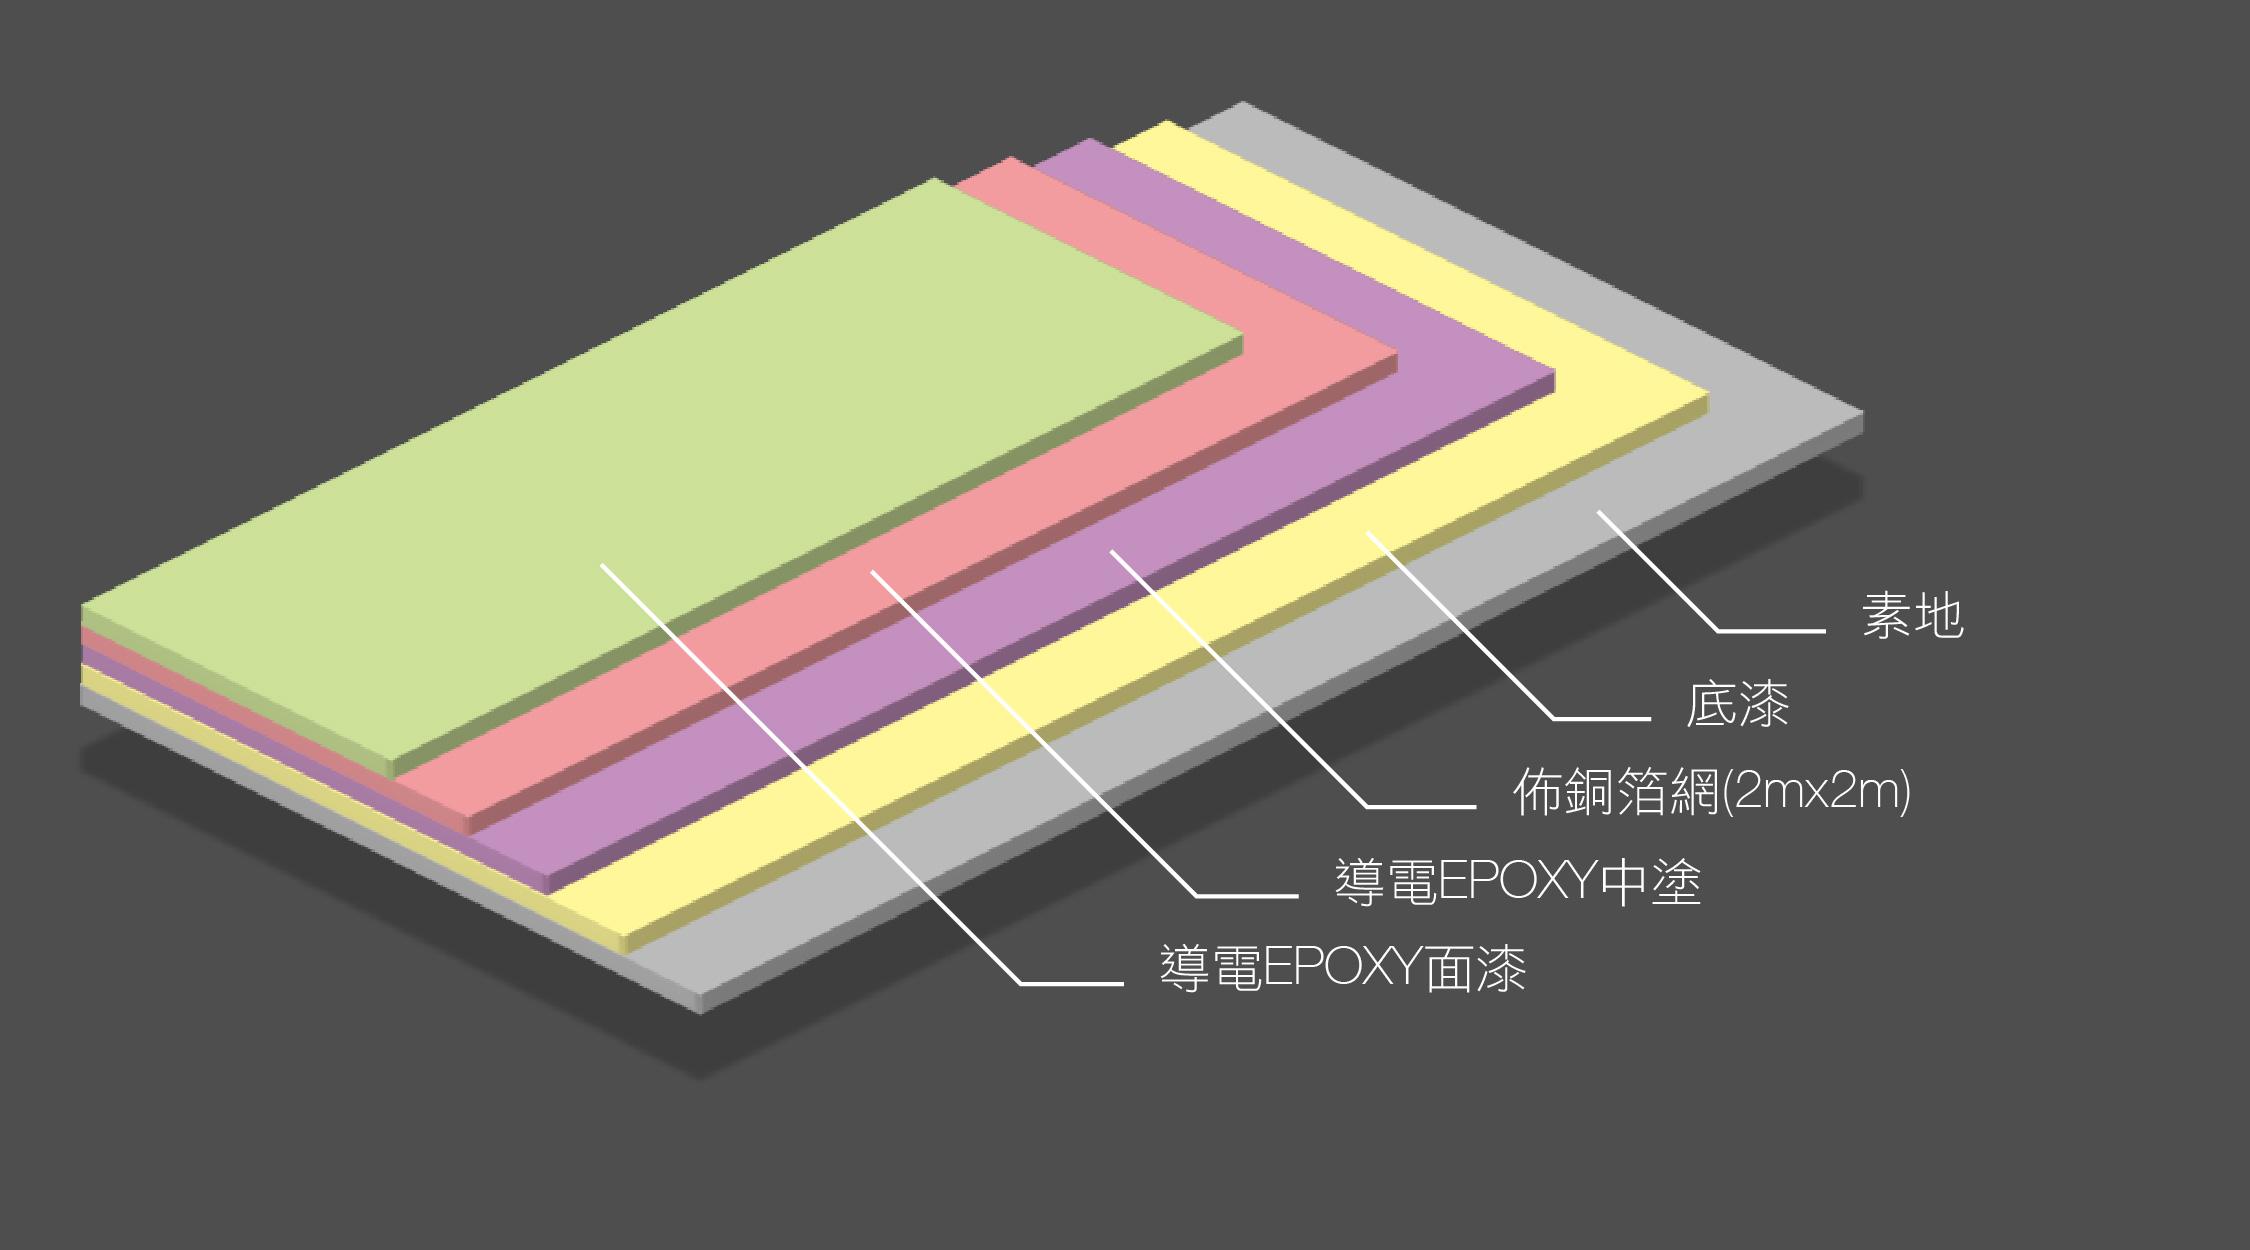 環氧樹脂導電地板